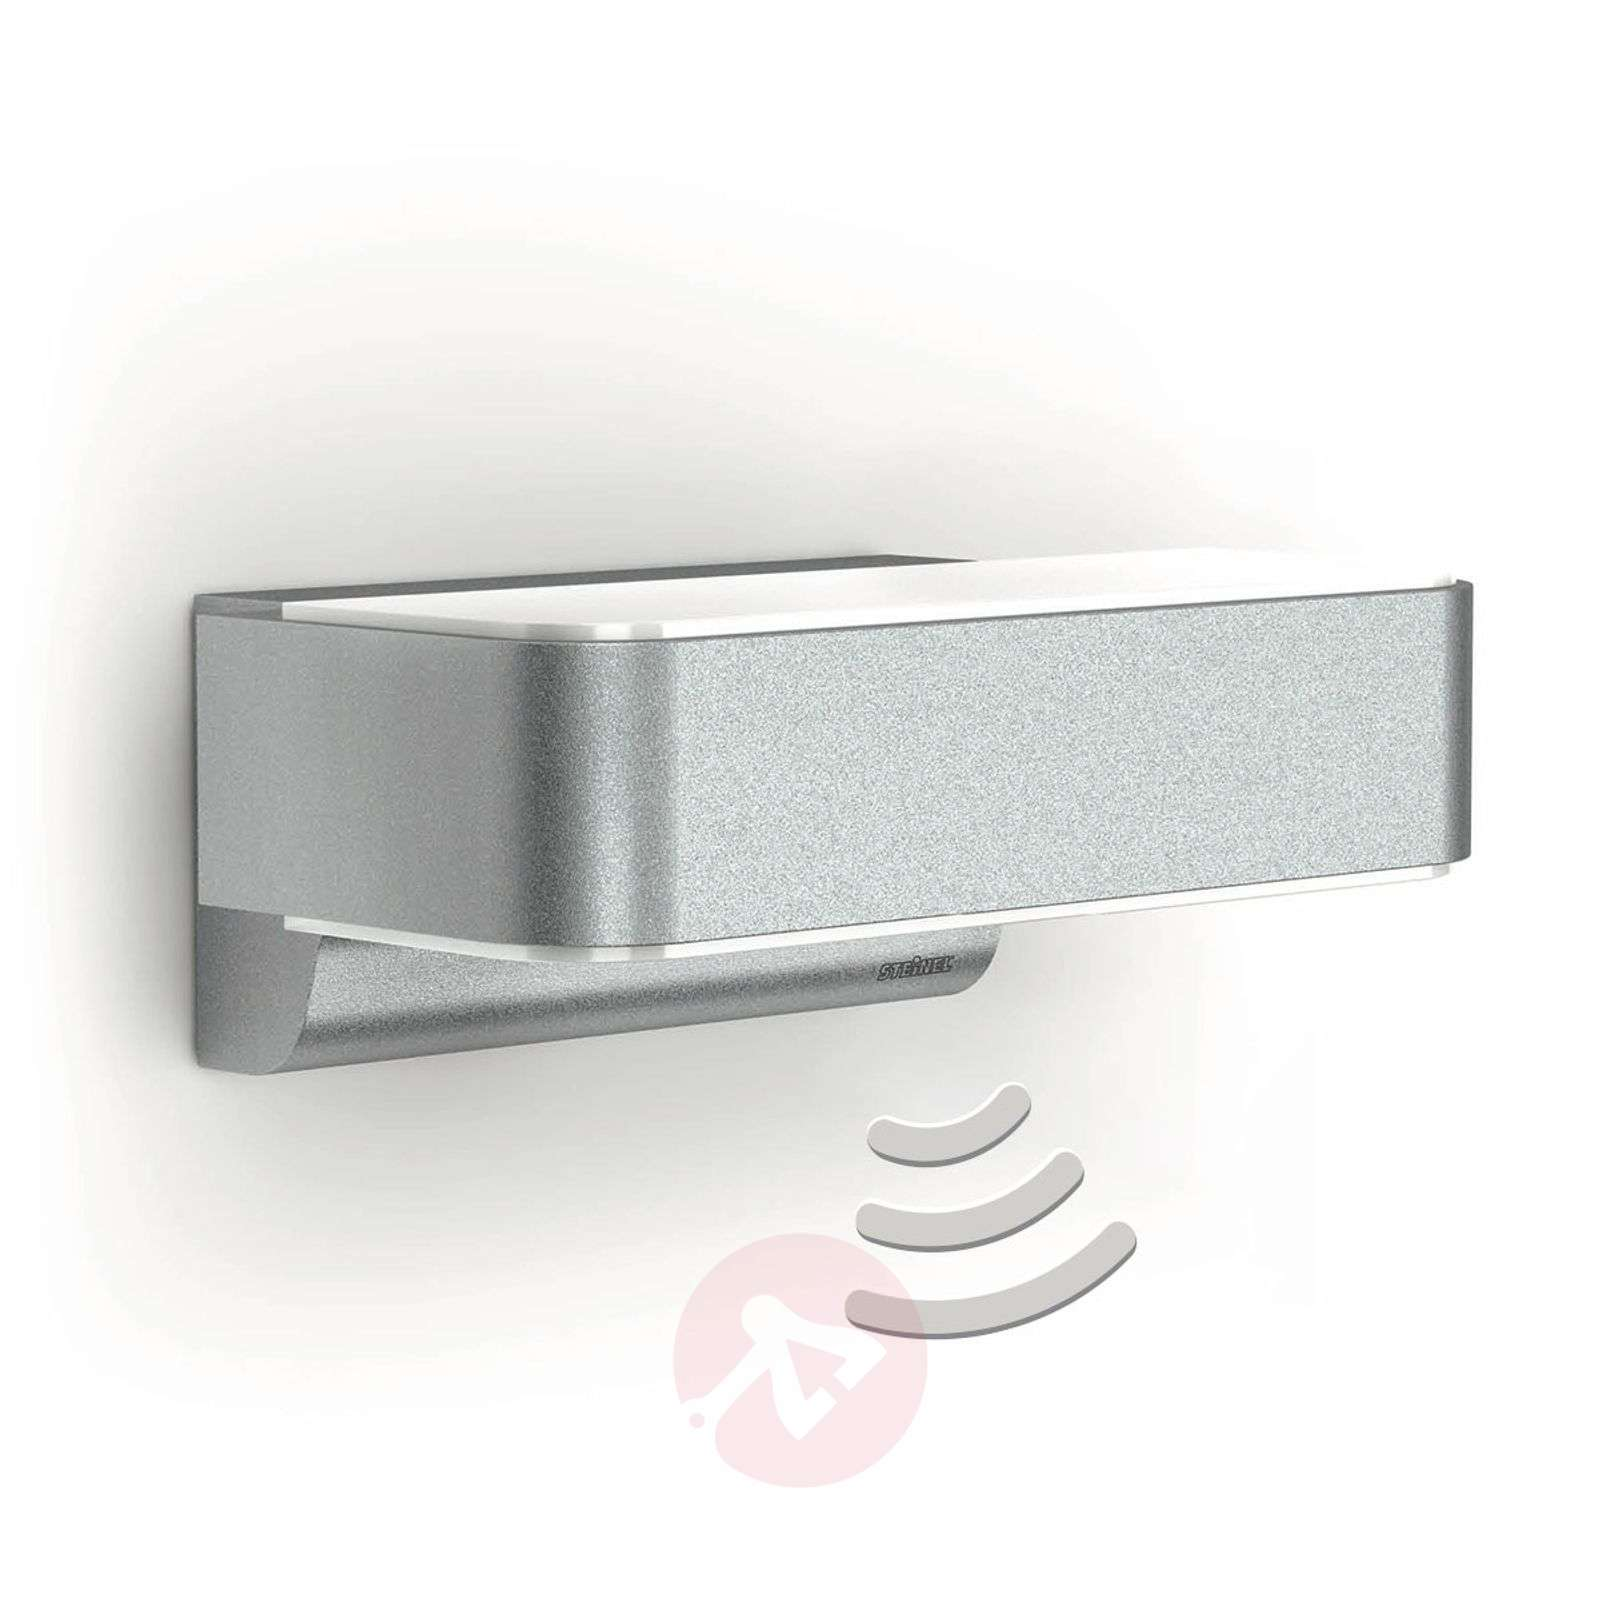 STEINEL Smart Friends LED-ulkoseinävalaisin L 810-8505724-01